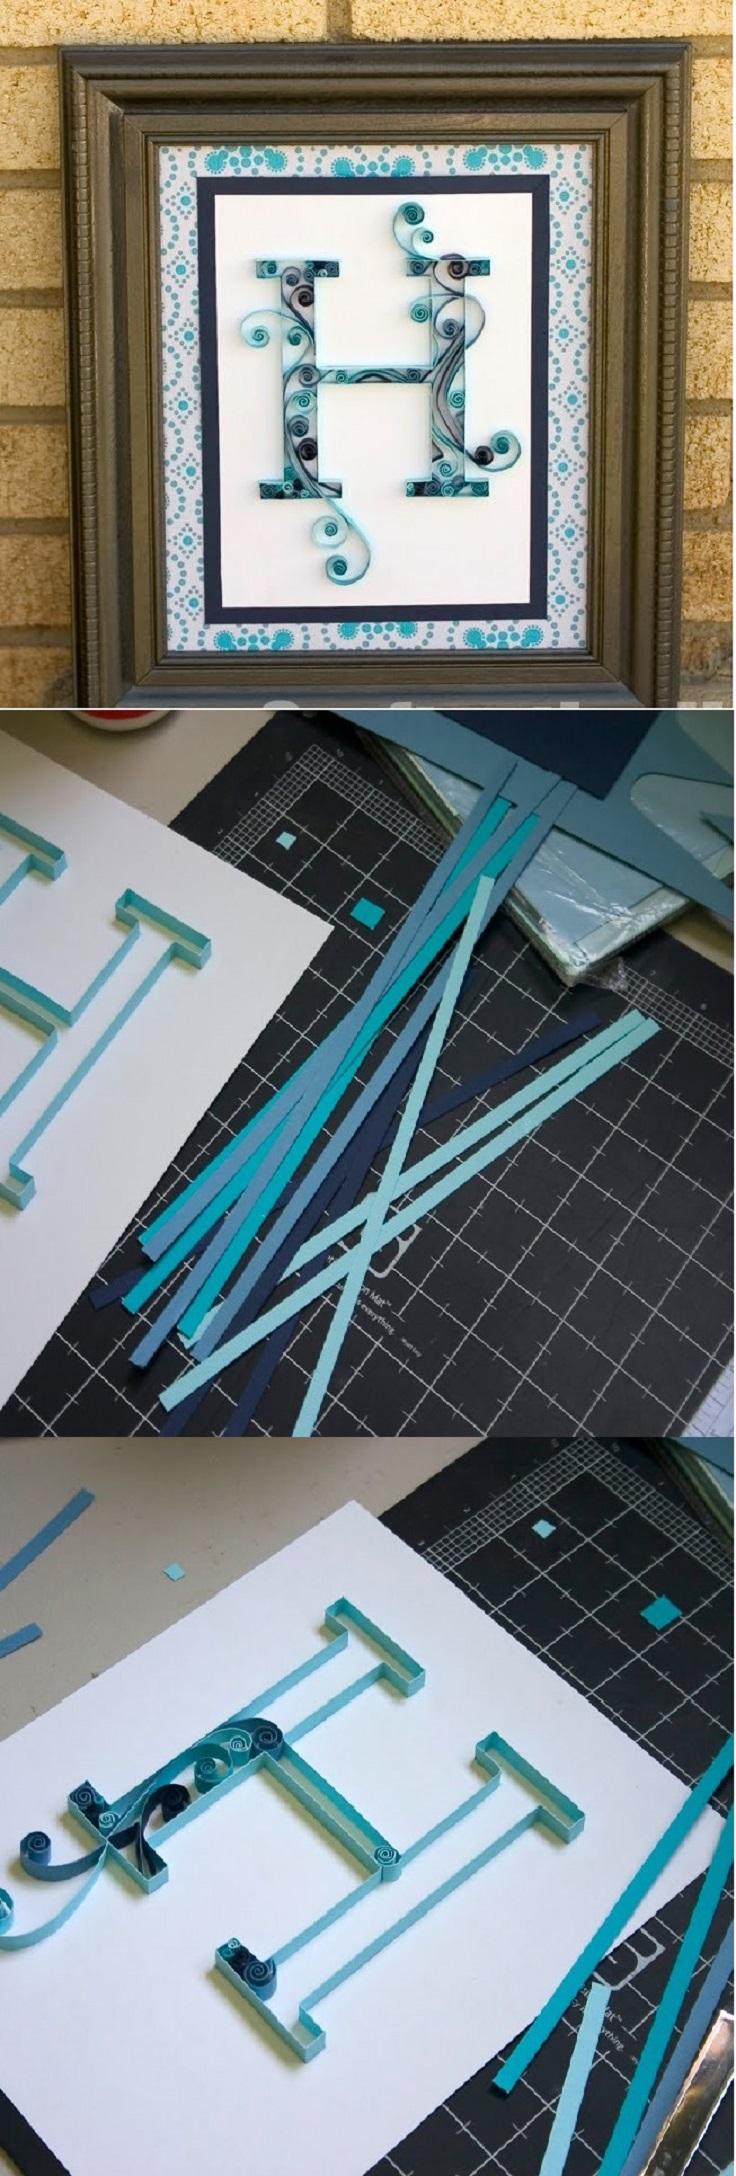 Quilling-Paper-Monogram-FrameHandmade-Decor-Blue-White-Swirls15